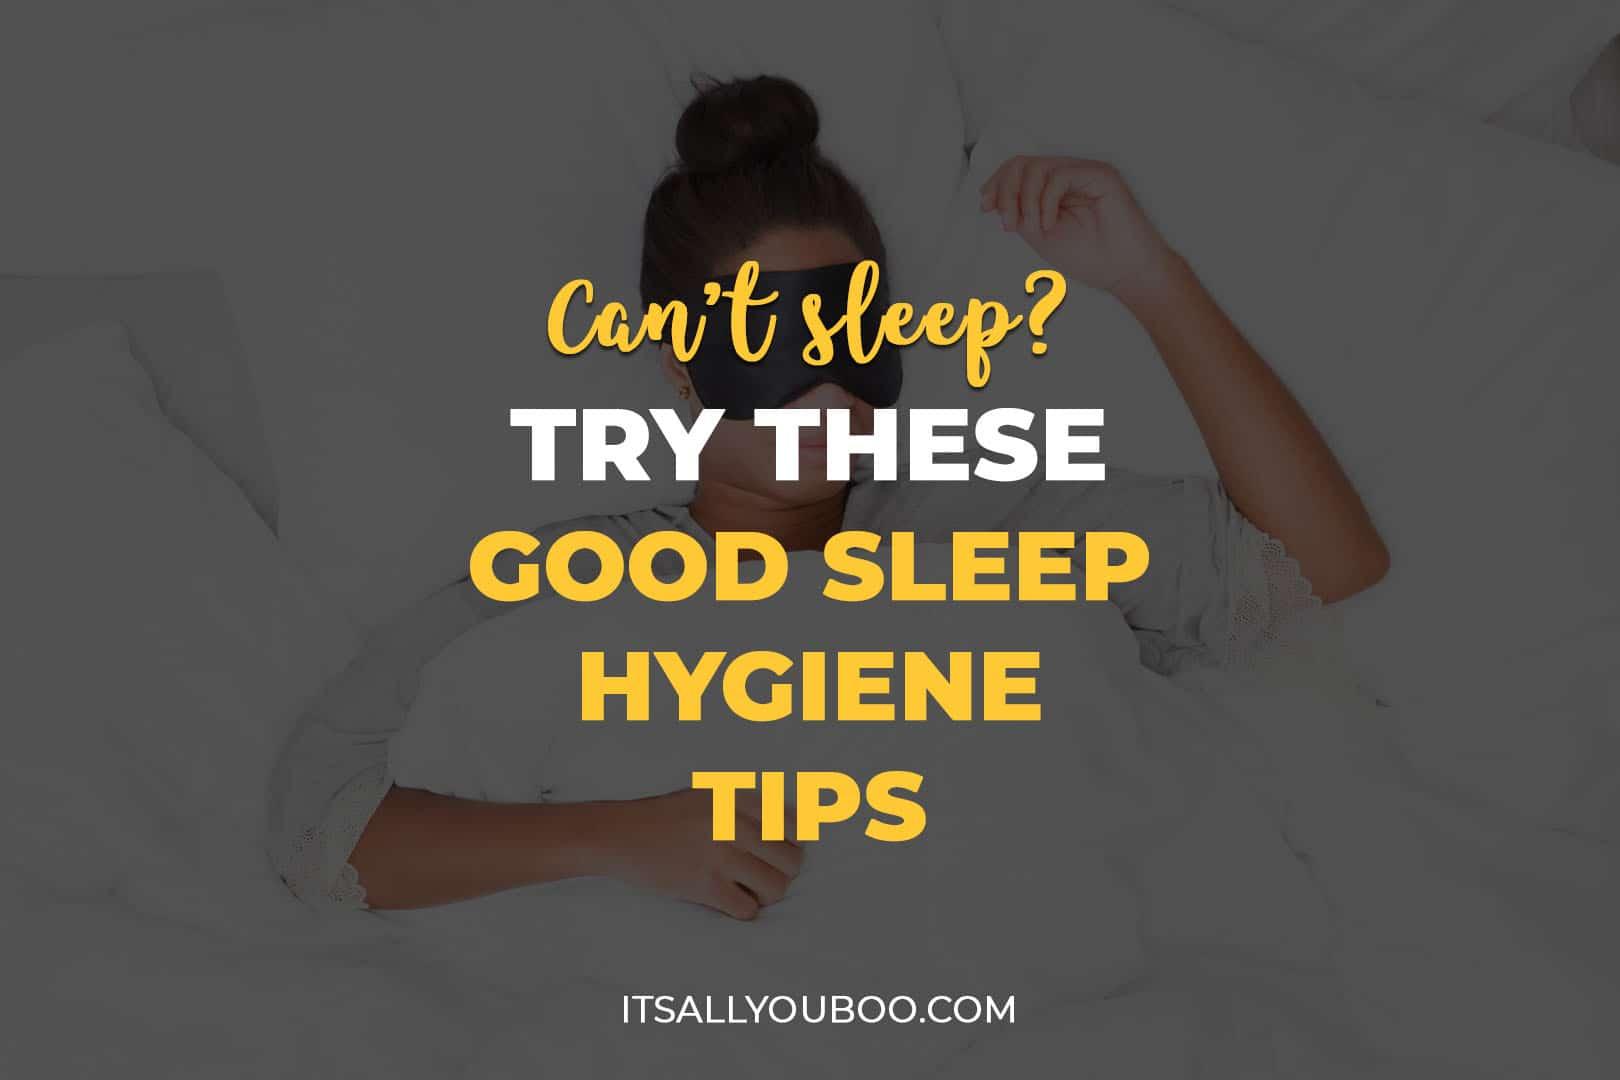 Can't Sleep? Try these Good Sleep Hygiene Tips